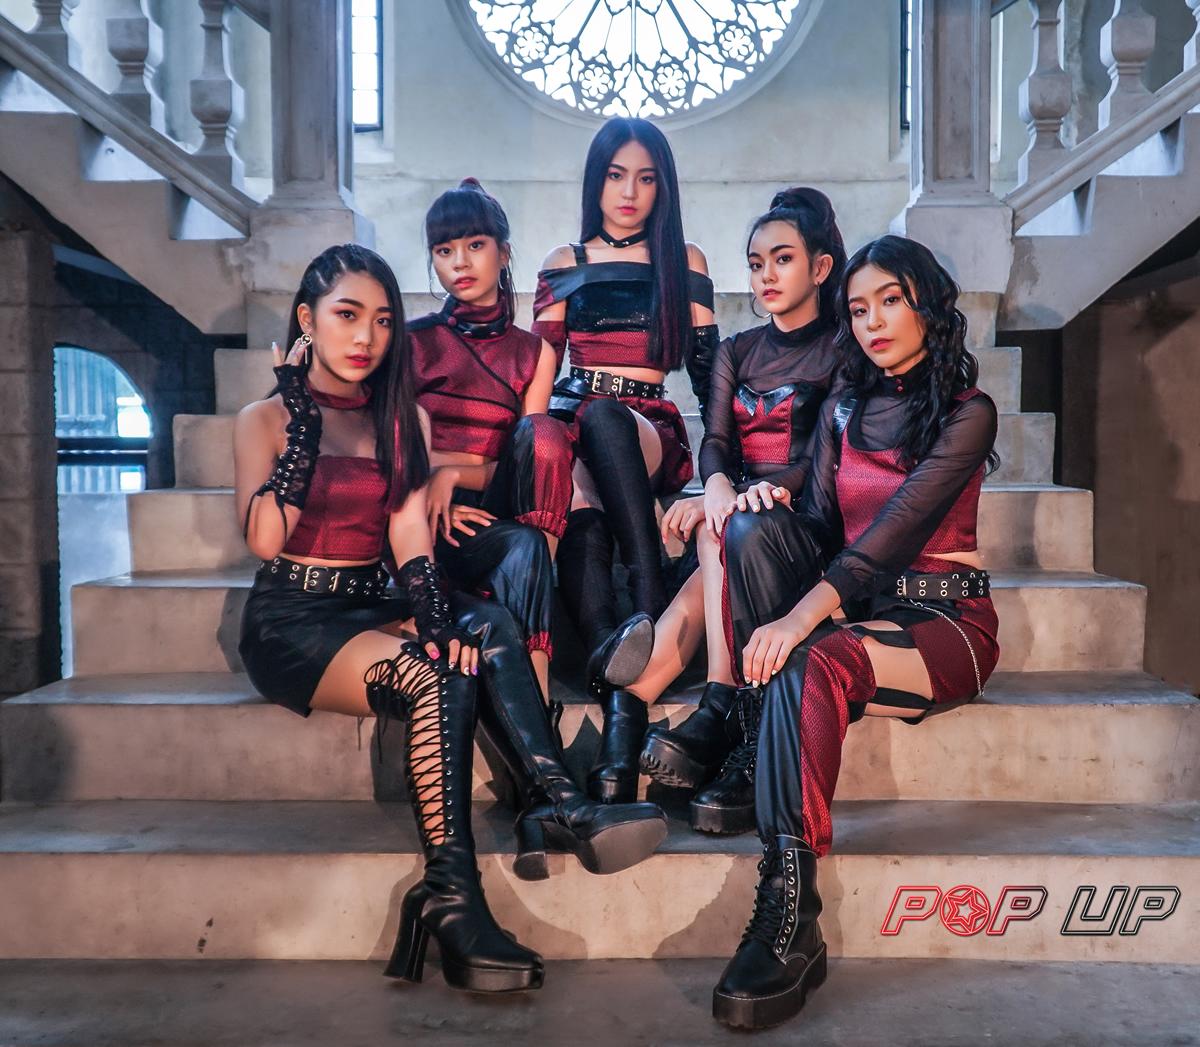 POPUP:カイムックCNY率いるT-popアイドルグループがデビュー